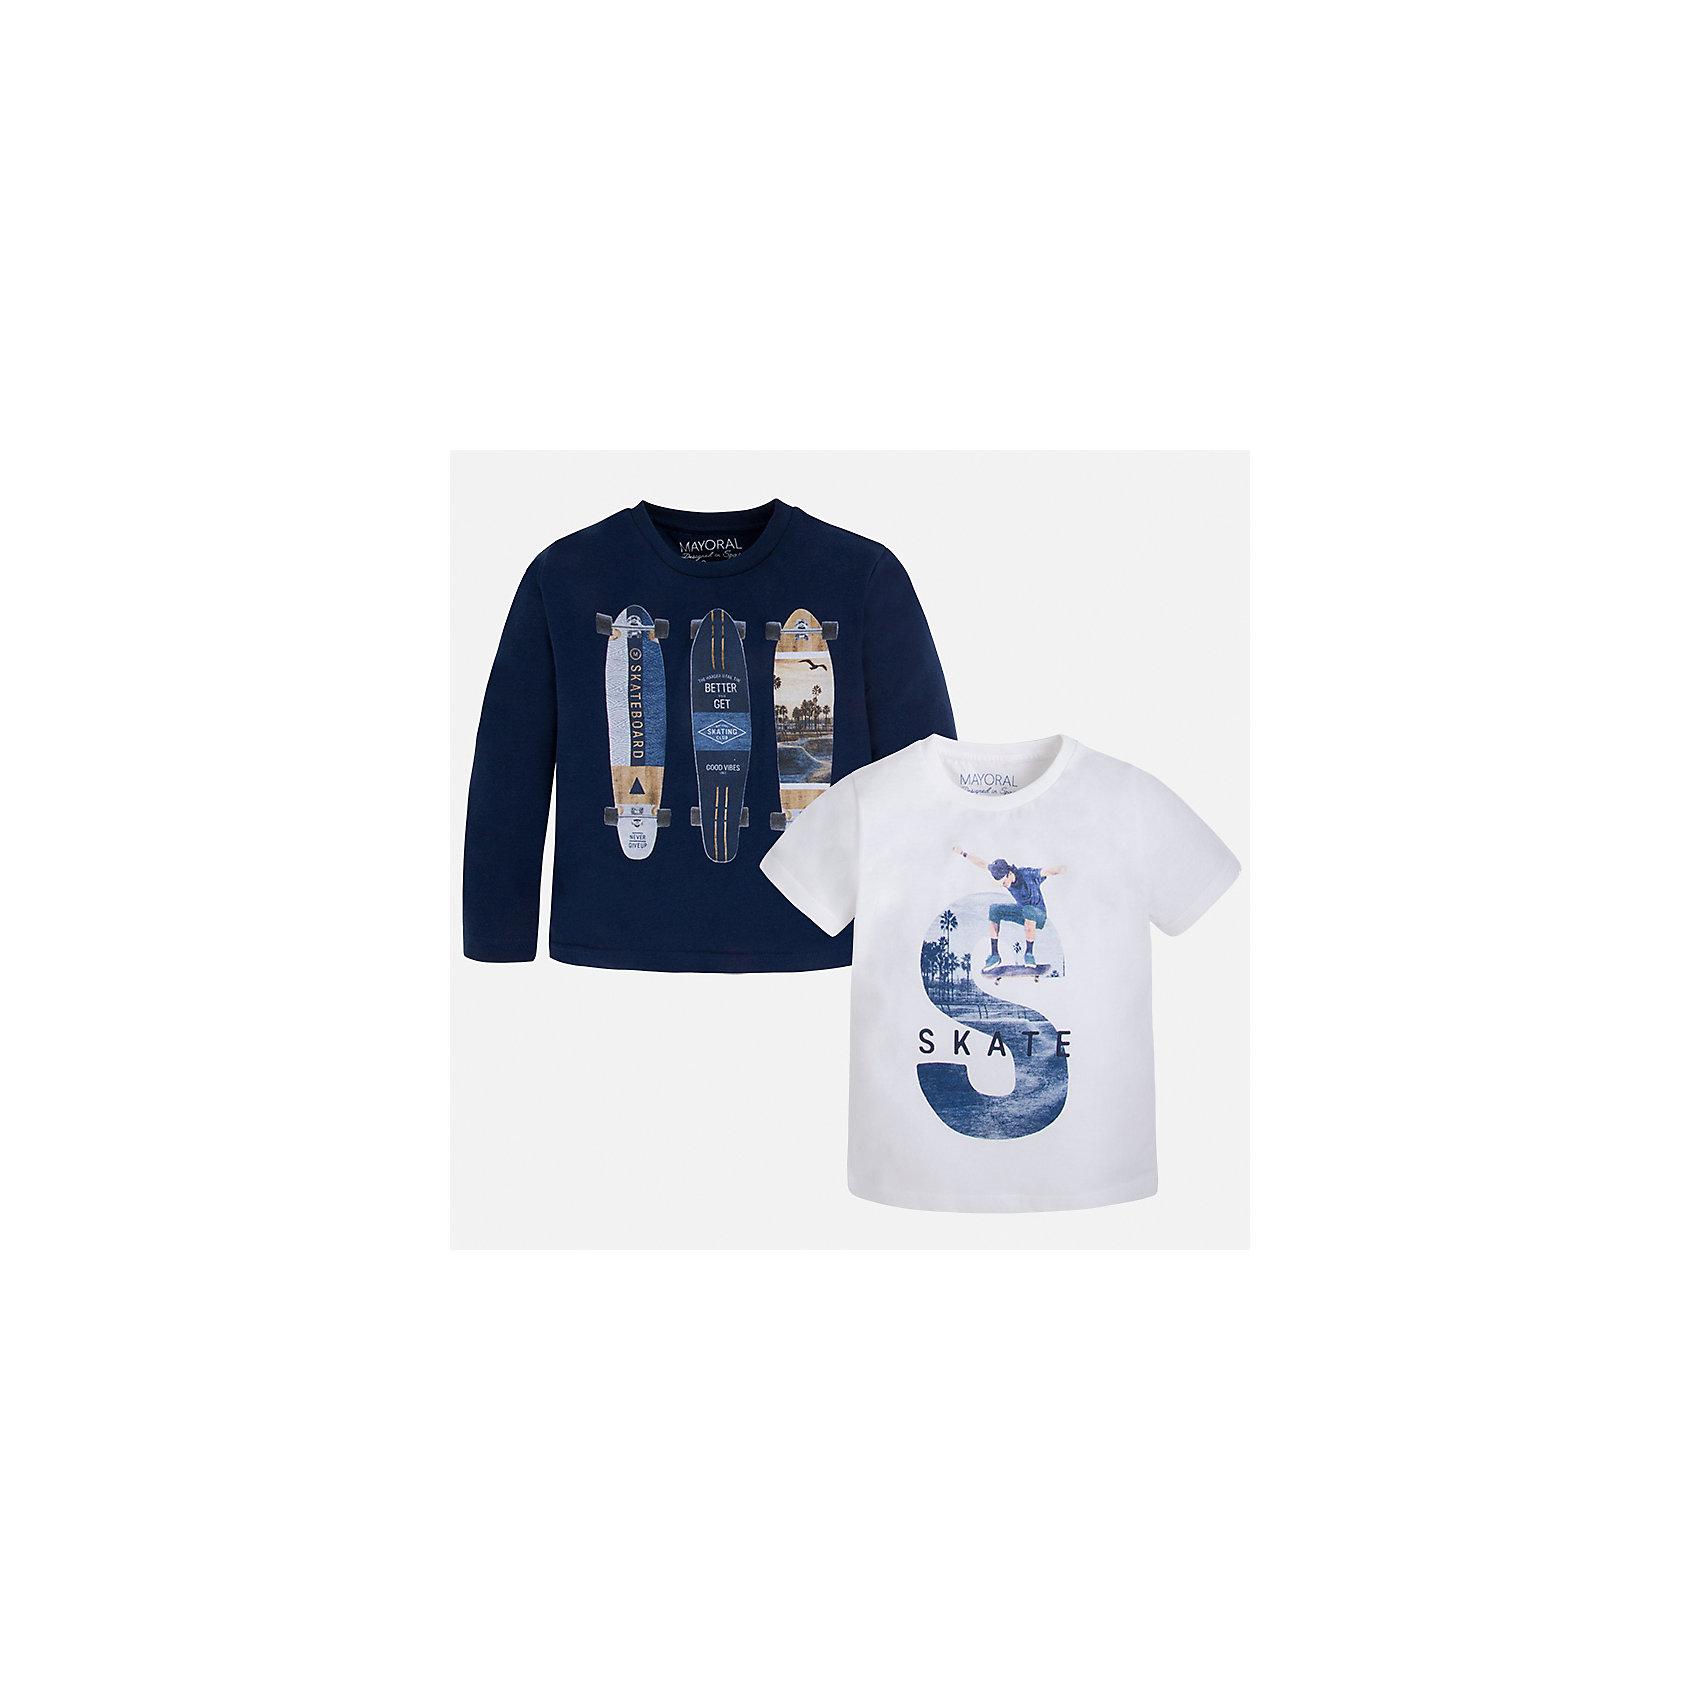 Комплект: футболка и футболка с длинным рукавом для мальчика MayoralКомплекты<br>Характеристики товара:<br><br>• цвет: синий/белый<br>• состав: лонгслив - 100% хлопок; футболка - 60% хлопок, 40% полиэстер<br>• комплектация: футболка и футболка с длинным рукавом <br>• круглый горловой вырез<br>• декорированы принтом<br>• отделка горловины<br>• страна бренда: Испания<br><br>Удобная модная футболка с принтом поможет разнообразить гардероб мальчика. Она отлично сочетается с брюками, шортами, джинсами. Универсальный крой и цвет позволяет подобрать к вещи низ разных расцветок. Практичное и стильное изделие! Хорошо смотрится и комфортно сидит на детях. В составе материала - только натуральный хлопок, гипоаллергенный, приятный на ощупь, дышащий. В комплекте - сразу две стильные вещи!<br><br>Одежда, обувь и аксессуары от испанского бренда Mayoral полюбились детям и взрослым по всему миру. Модели этой марки - стильные и удобные. Для их производства используются только безопасные, качественные материалы и фурнитура. Порадуйте ребенка модными и красивыми вещами от Mayoral! <br><br>Комплект: футболка и футболка с длинным рукавом для мальчика от испанского бренда Mayoral (Майорал) можно купить в нашем интернет-магазине.<br><br>Ширина мм: 199<br>Глубина мм: 10<br>Высота мм: 161<br>Вес г: 151<br>Цвет: синий<br>Возраст от месяцев: 84<br>Возраст до месяцев: 96<br>Пол: Мужской<br>Возраст: Детский<br>Размер: 128,134,122,116,110,104,98,92<br>SKU: 5280282